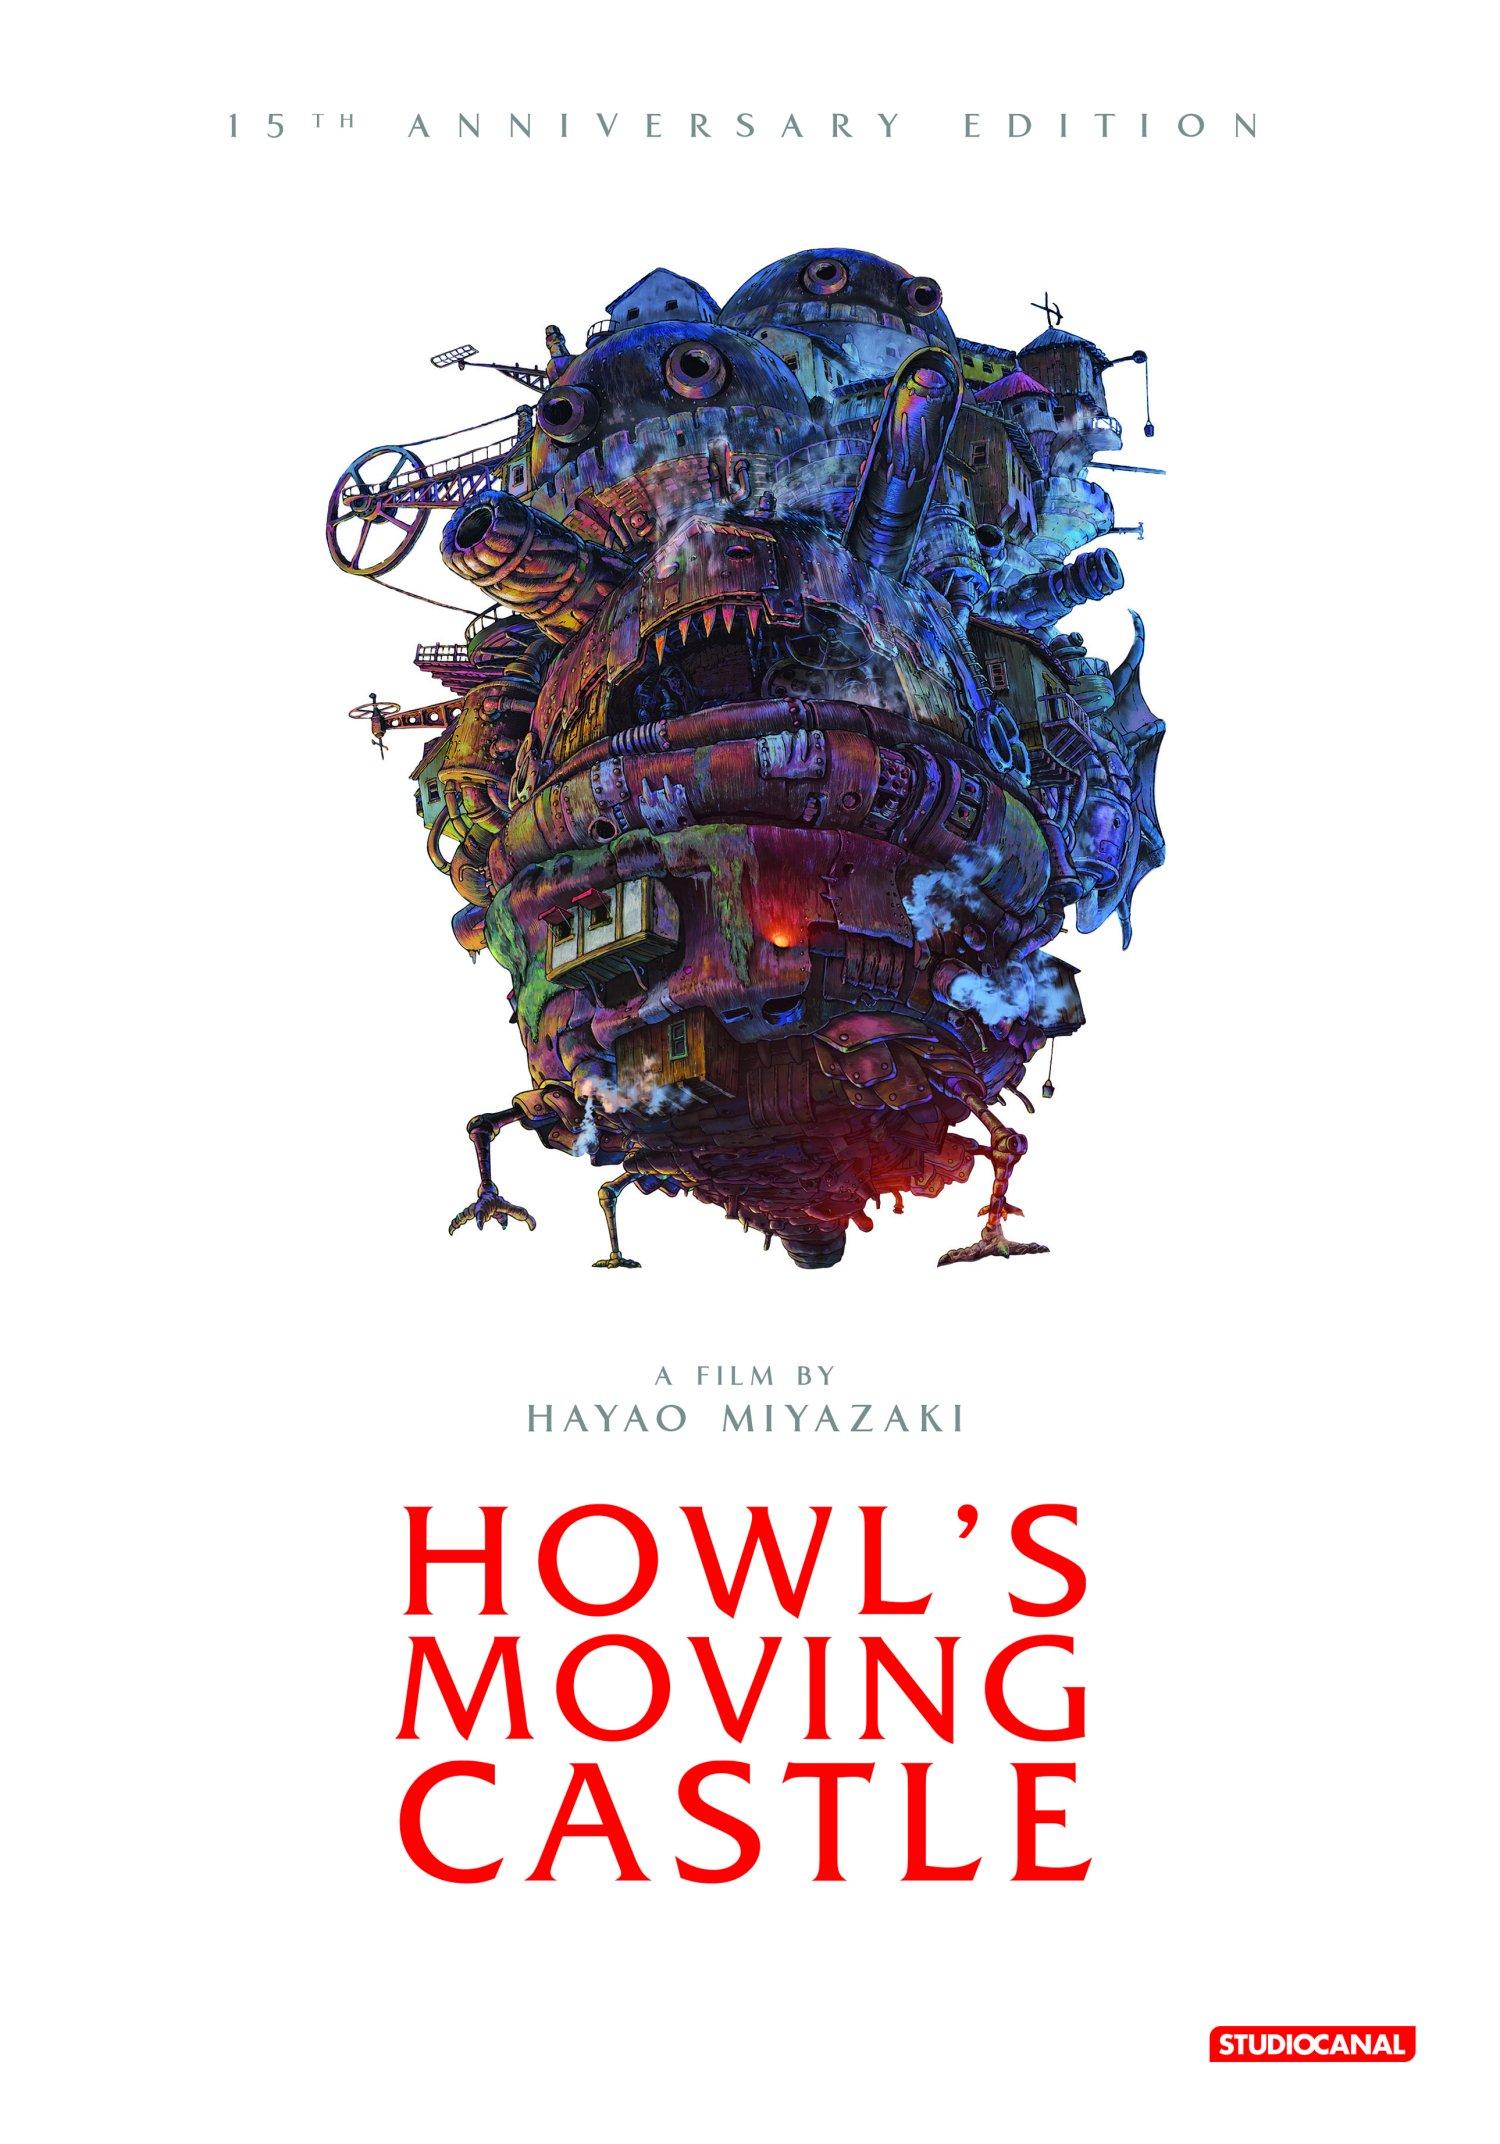 HowlsMovingCastle_2D_Packshot